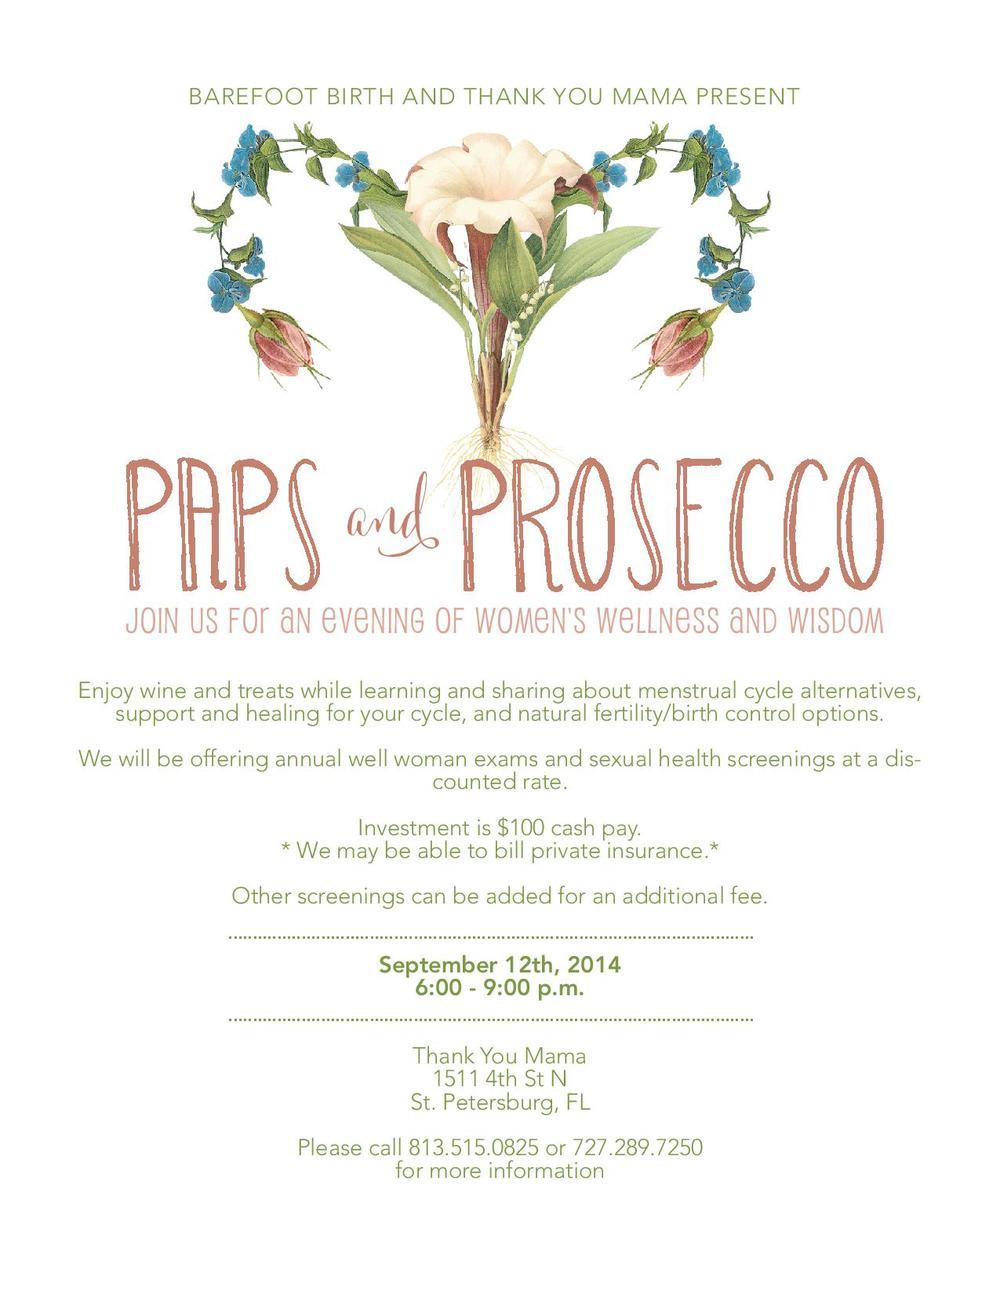 Paps & Prosecco